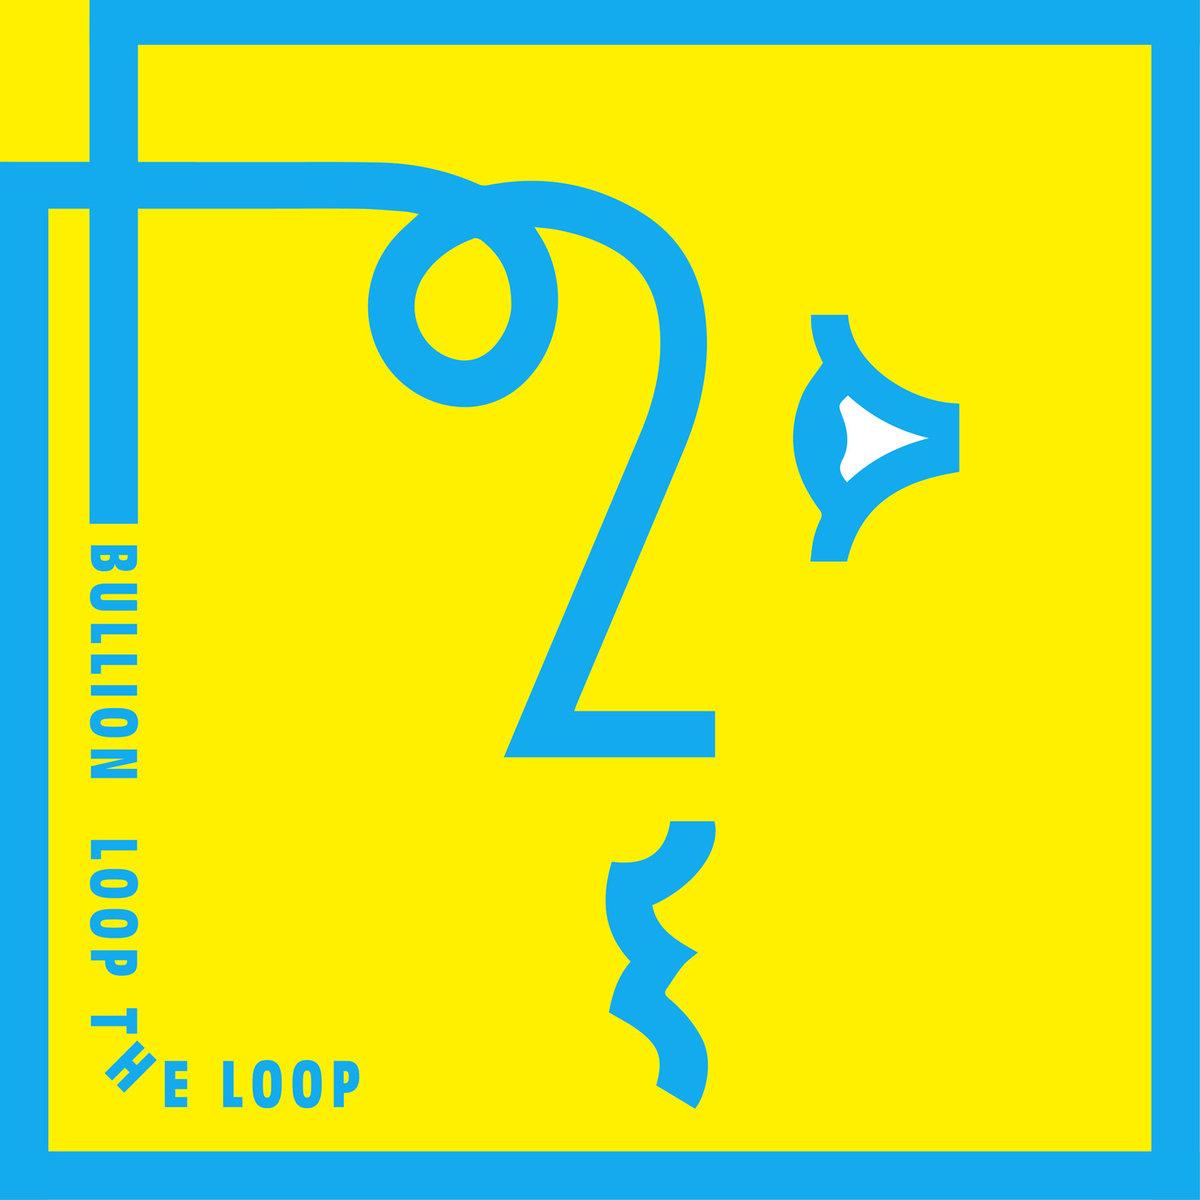 BULLION - LOOP THE LOOP (DEEK RECORDINGS, 2016)